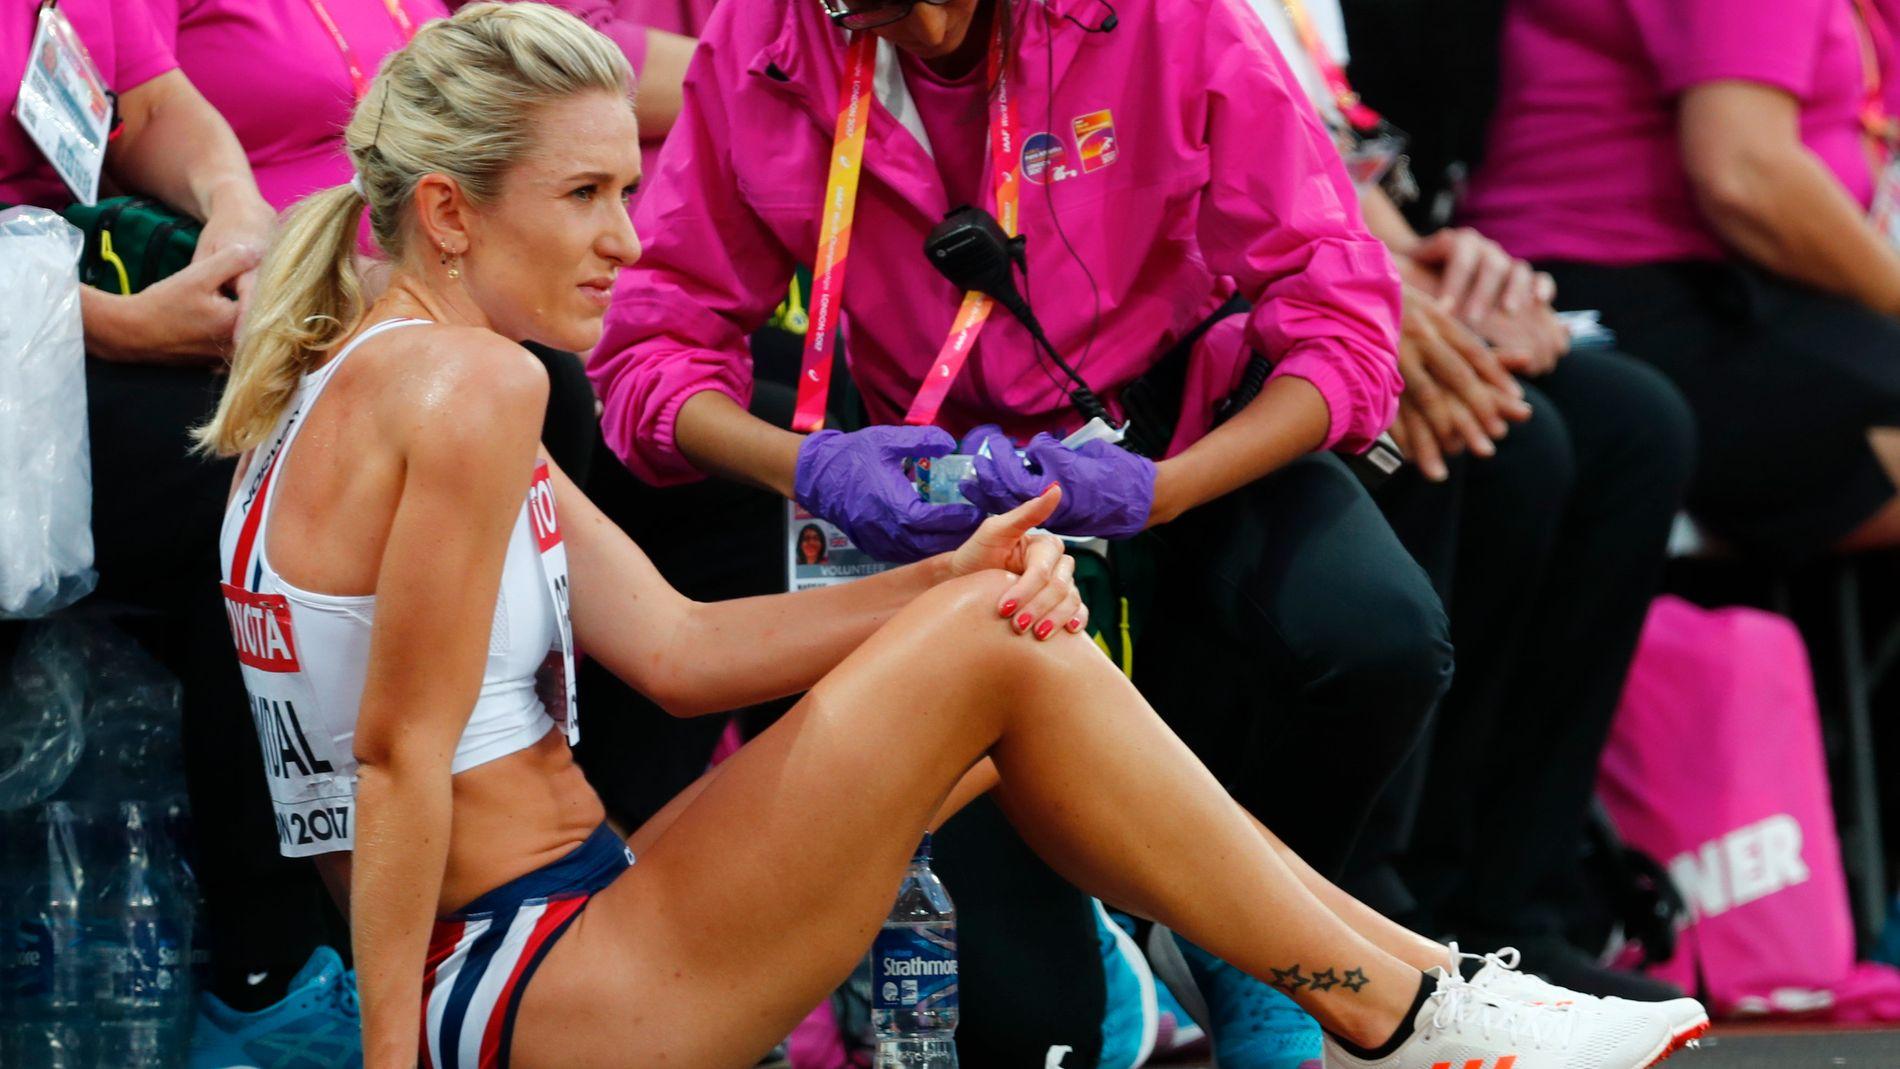 BRØT: Karoline Bjerkeli Grøvdal har slitt med en forkjølelse, og fullførte ikke 5000 meteren i VM.